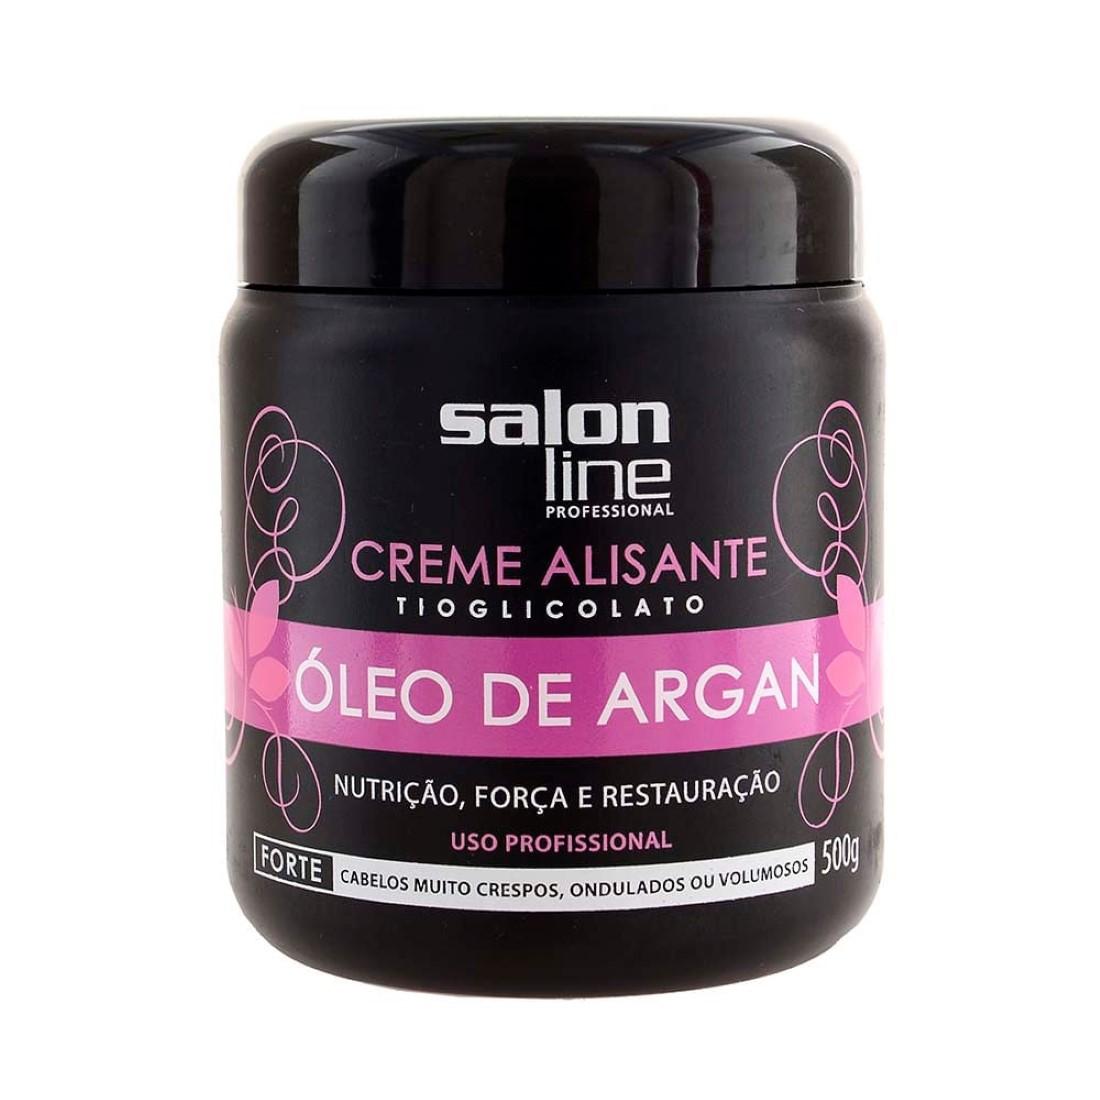 Creme Alisante Tioglicolato Óleo de Argan Forte 500g - Salon Line